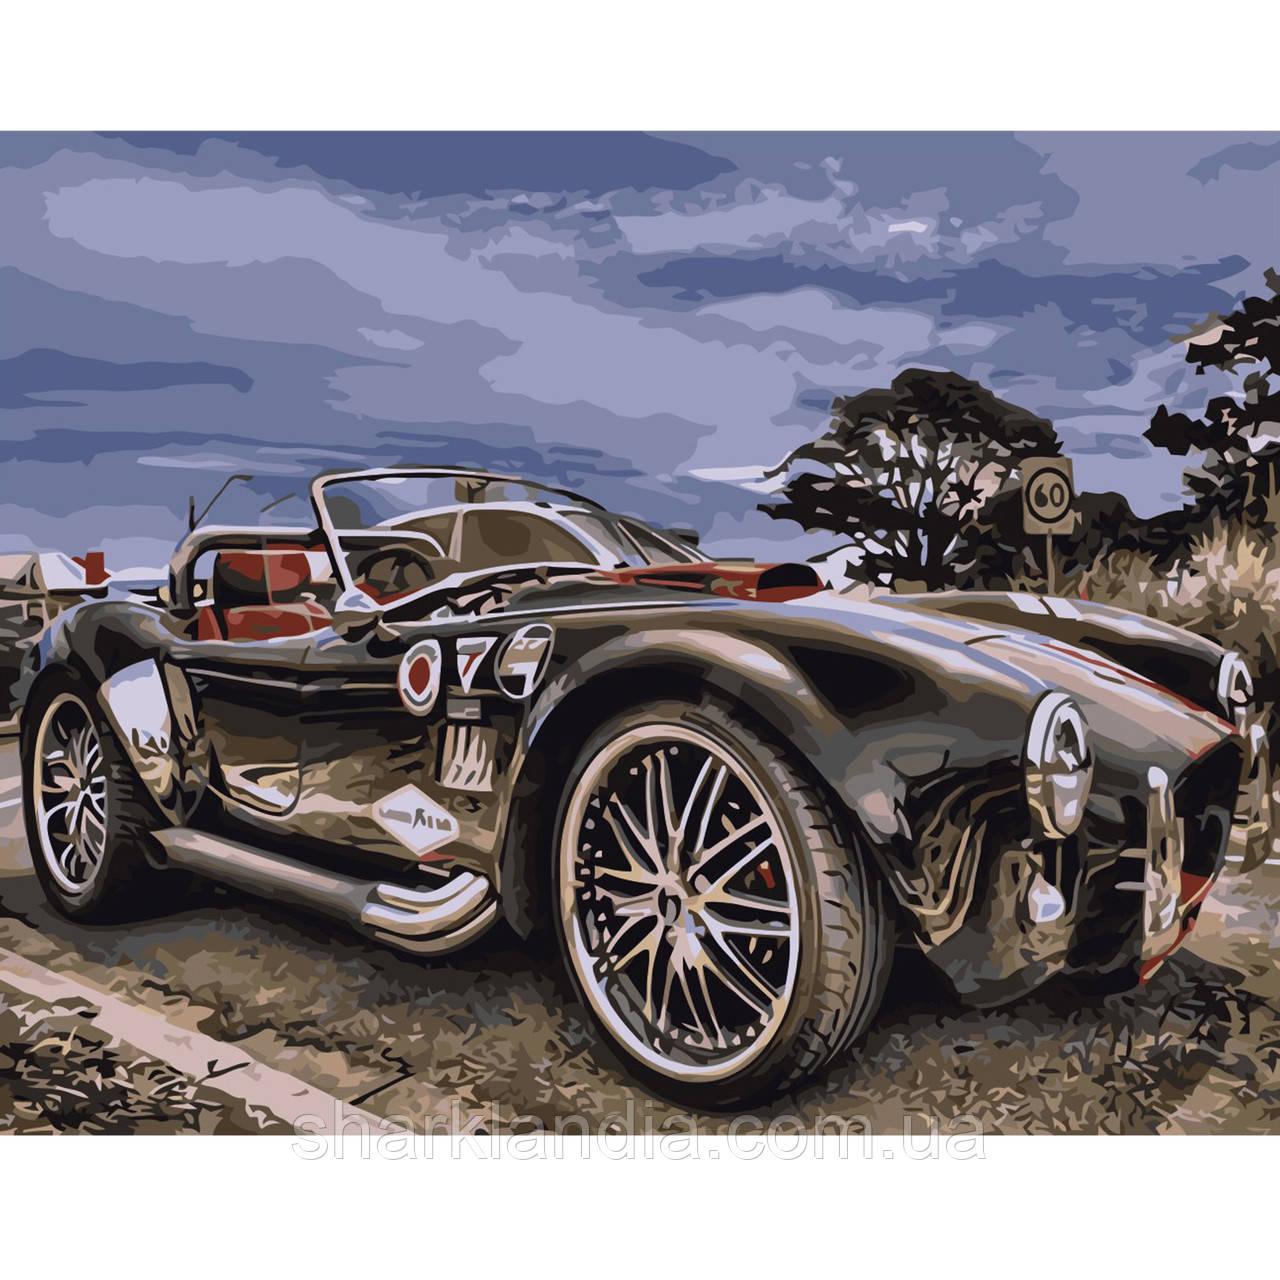 Картина по Номерам Ретро автомобиль 40х50см Strateg